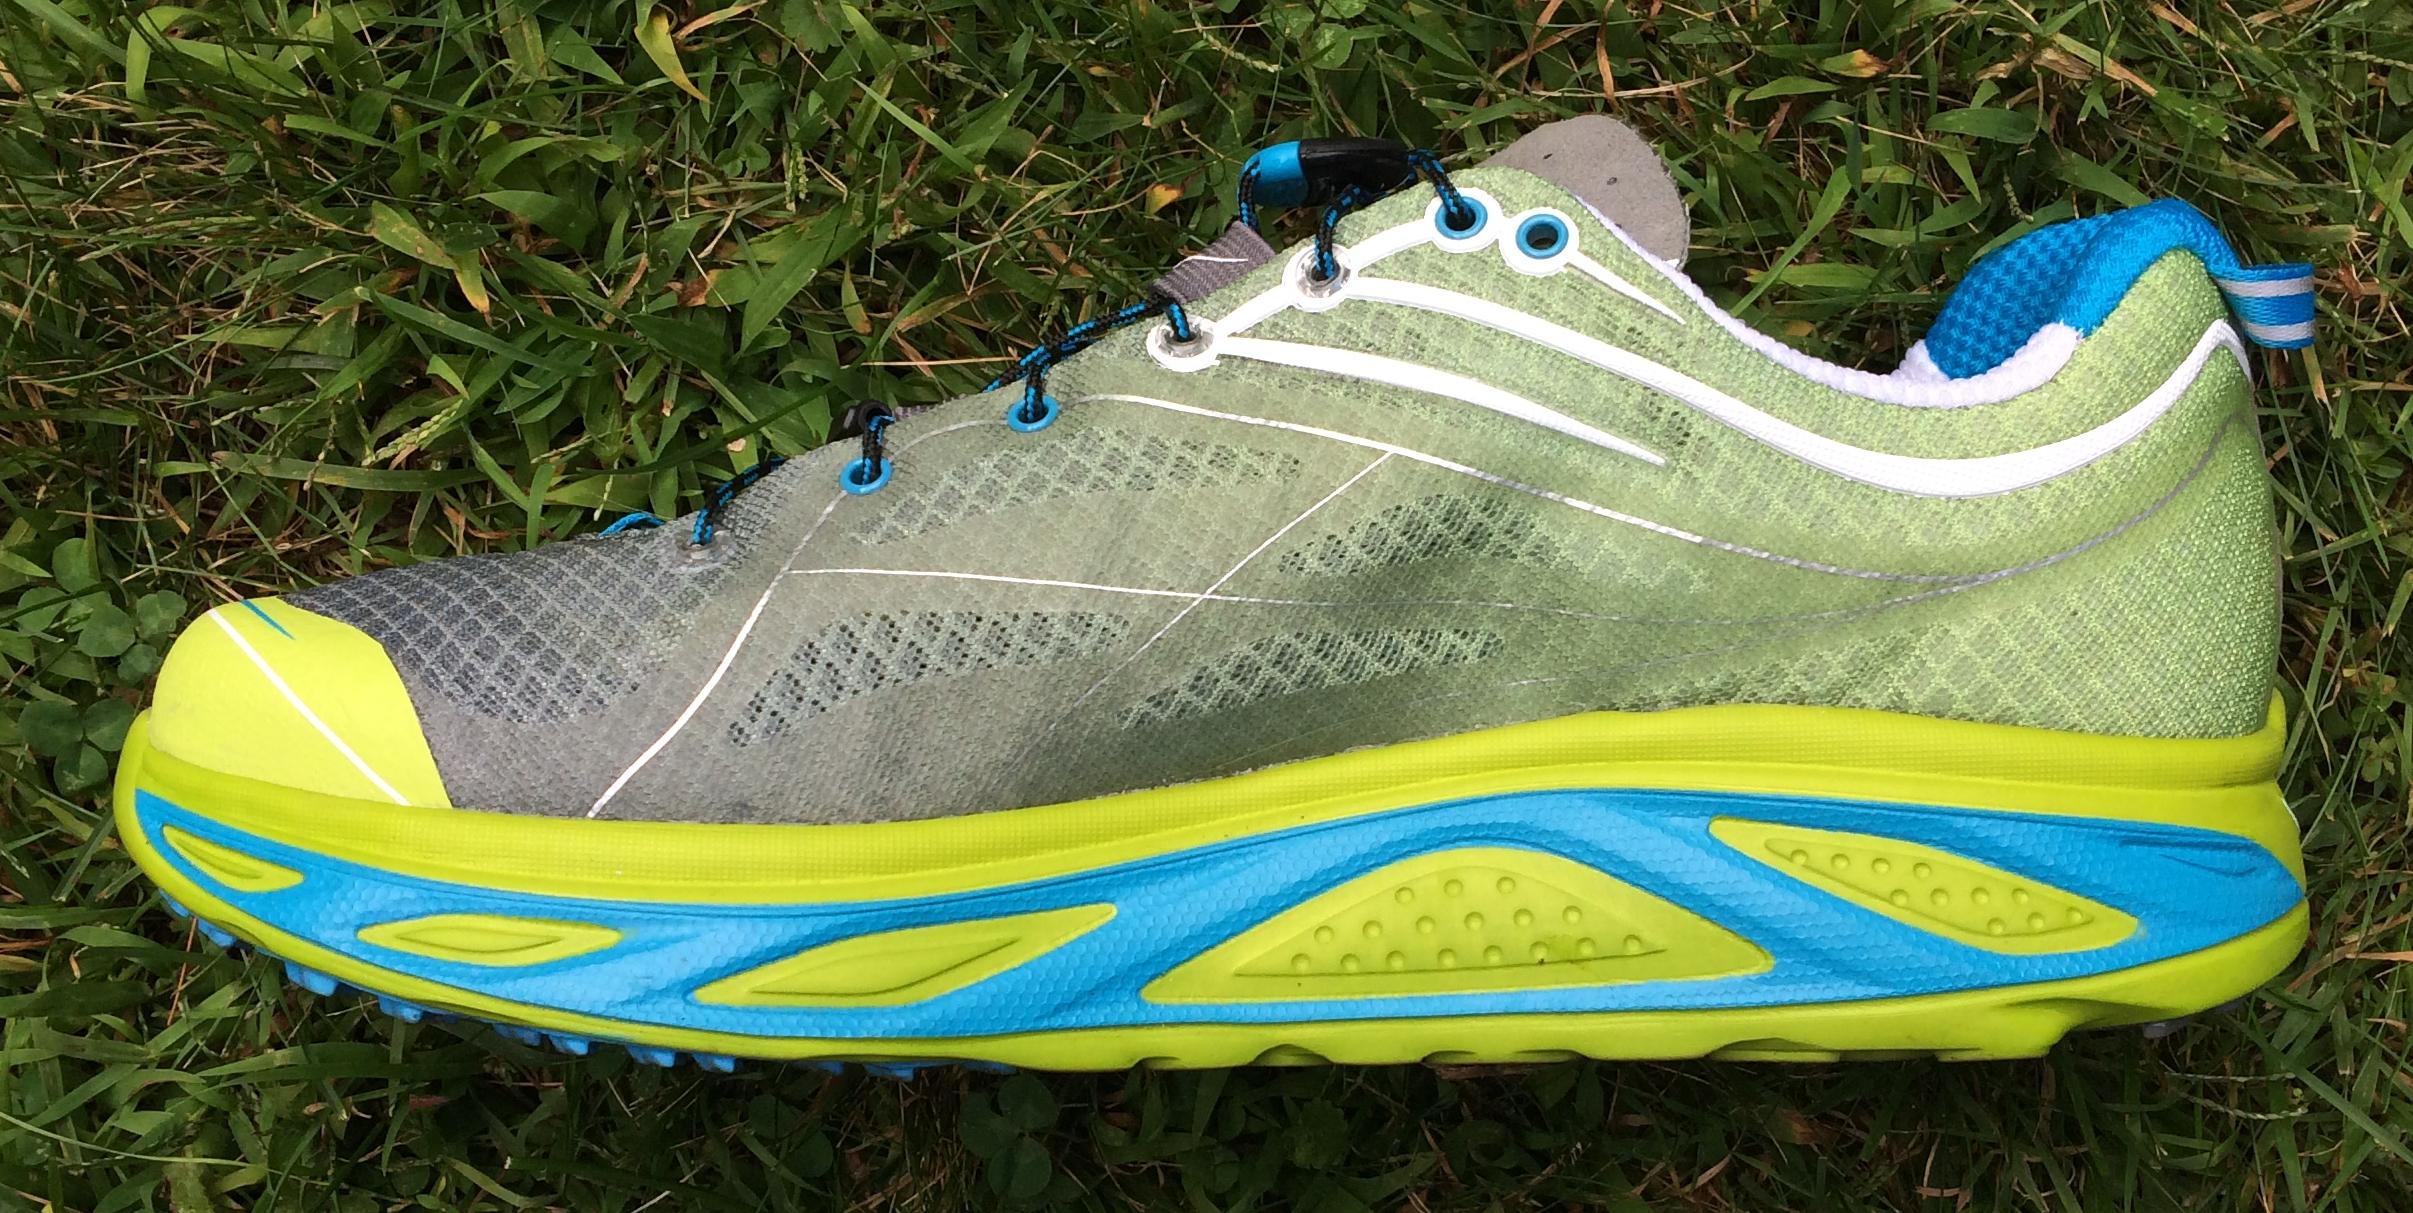 Hoka Huaka Running Shoe Review with Comparisons to the Hoka Clifton 200e0b4279e